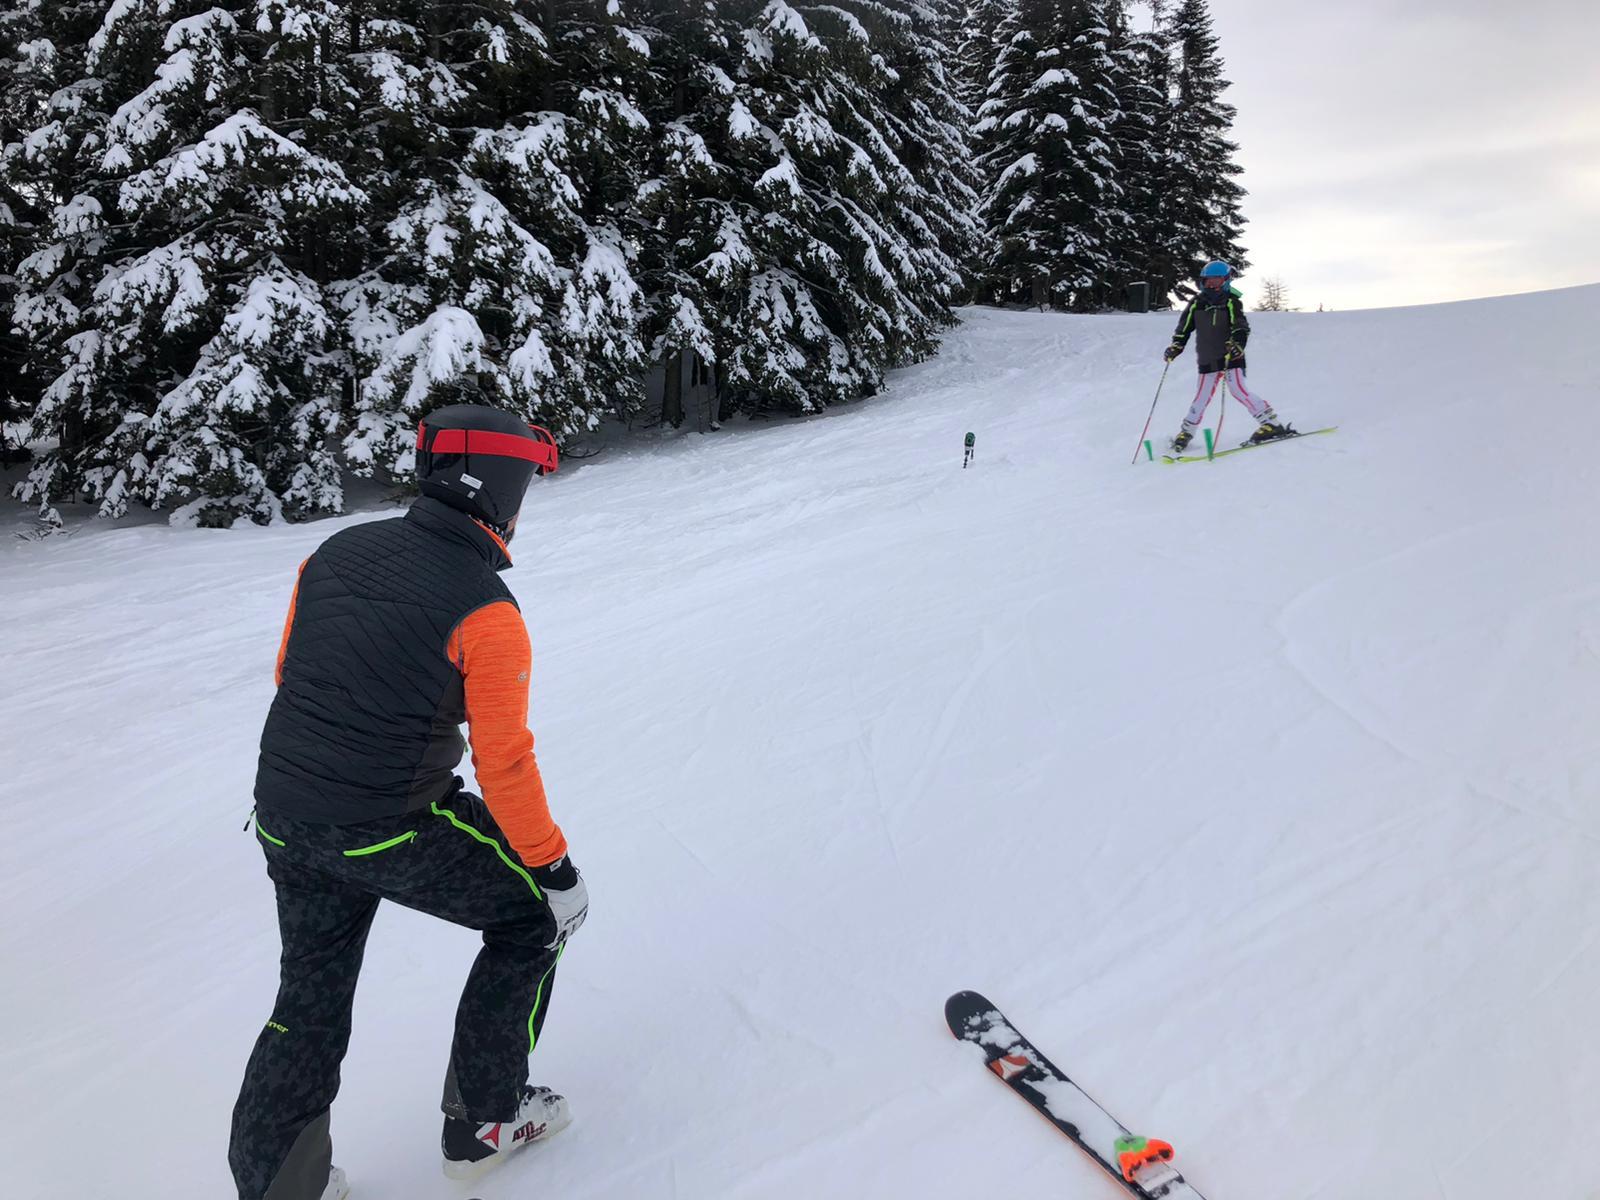 Alleine Schifahren - WSV Trainingslauf nutzen